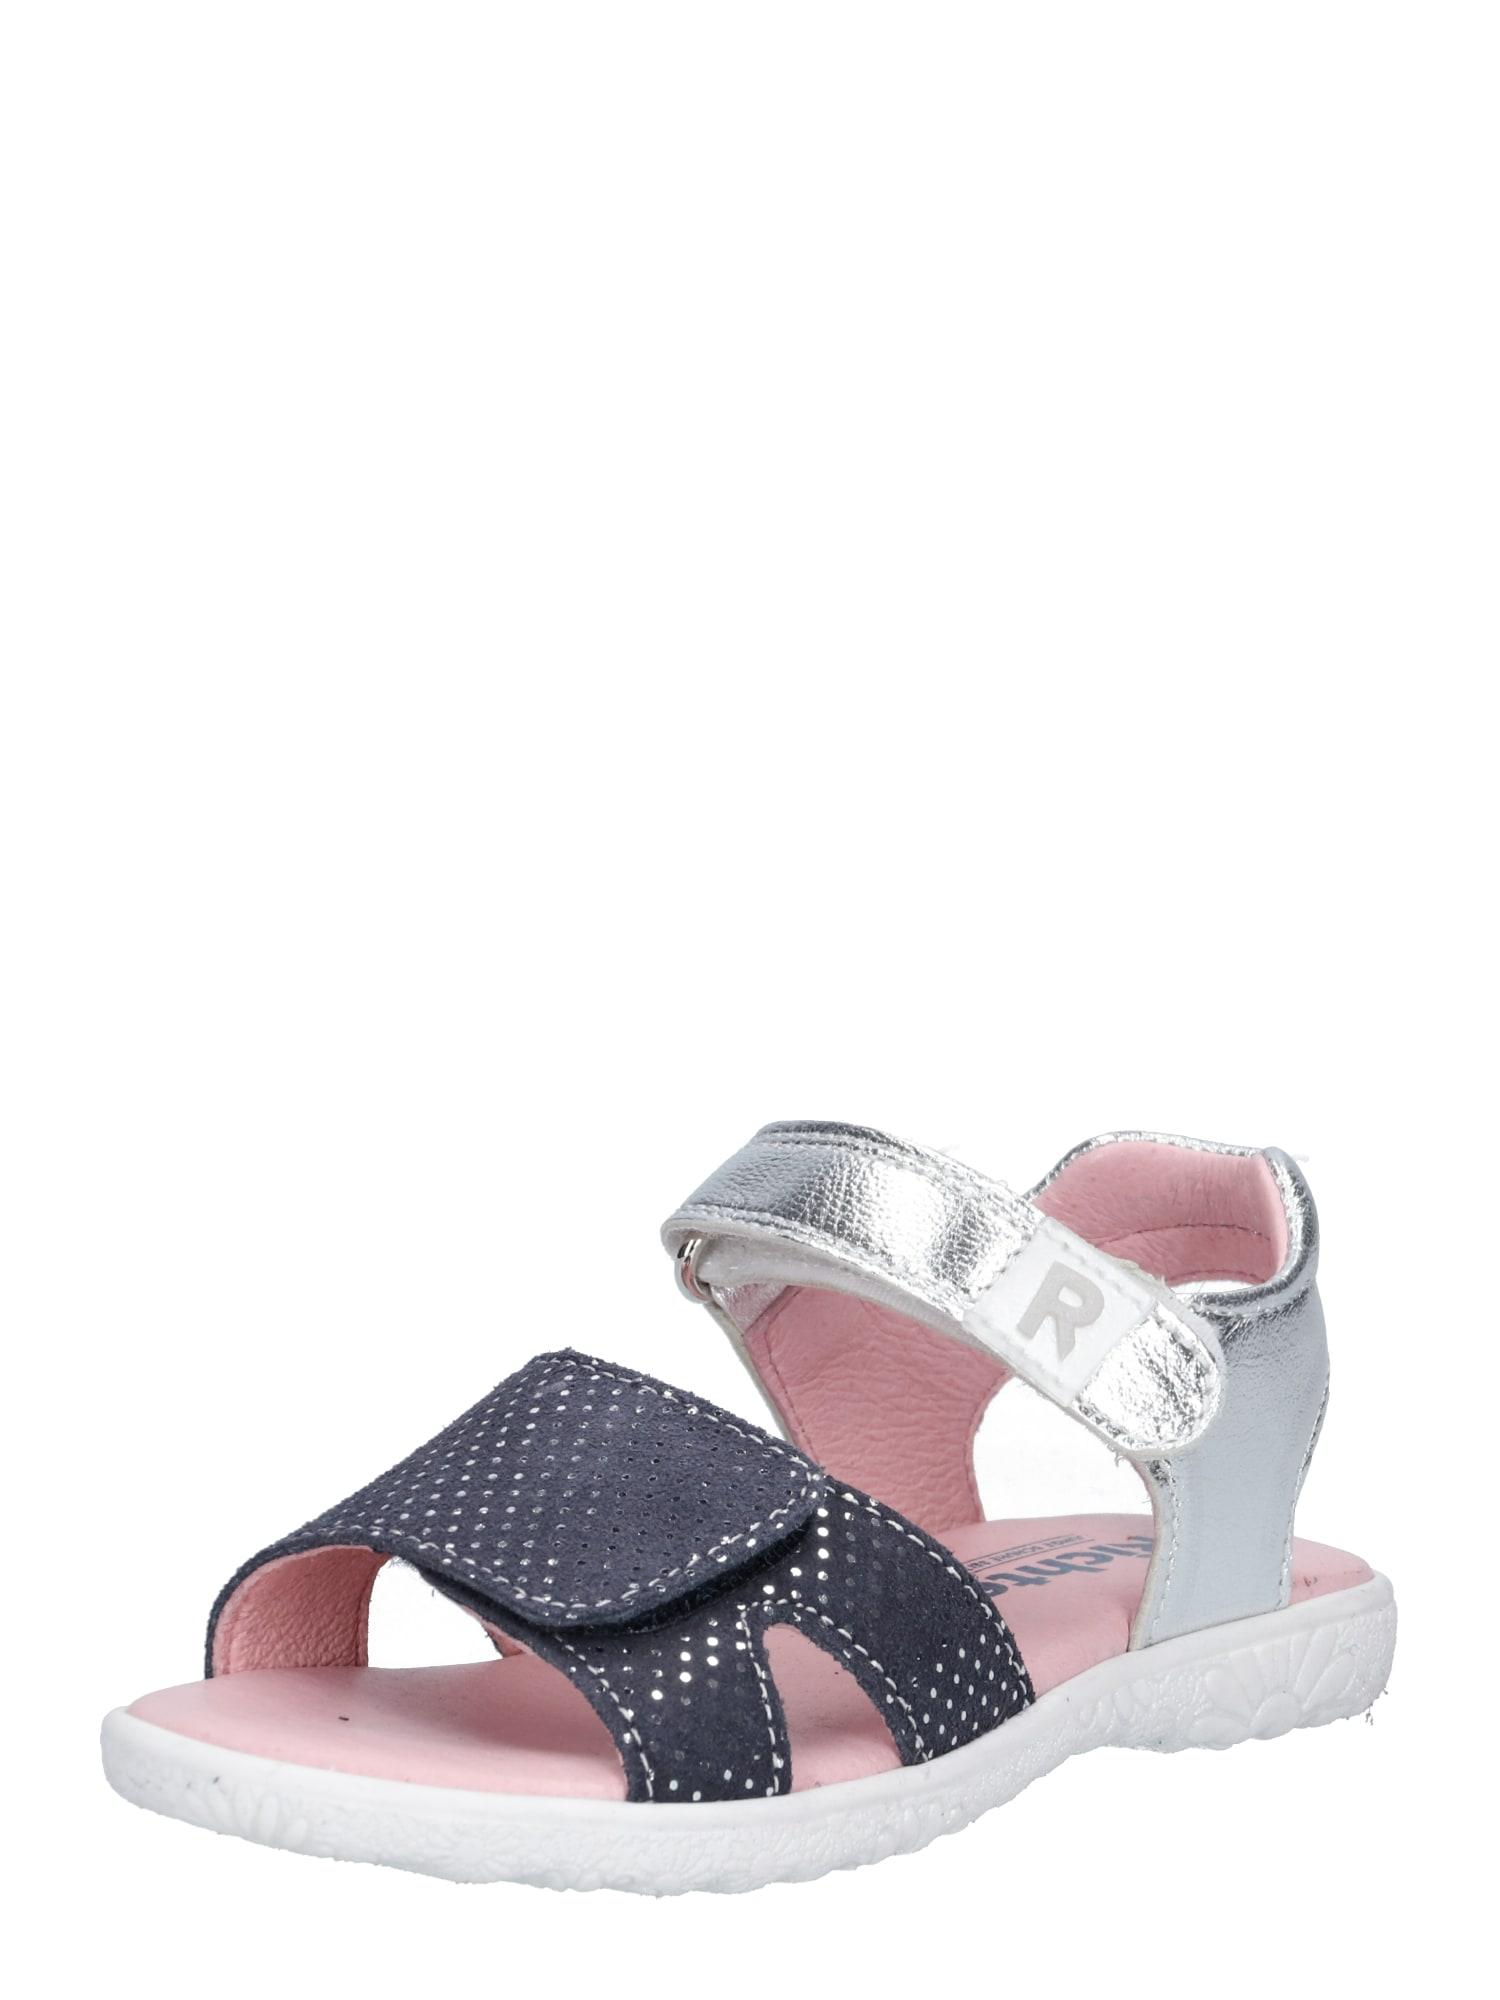 Sandály noční modrá stříbrná RICHTER